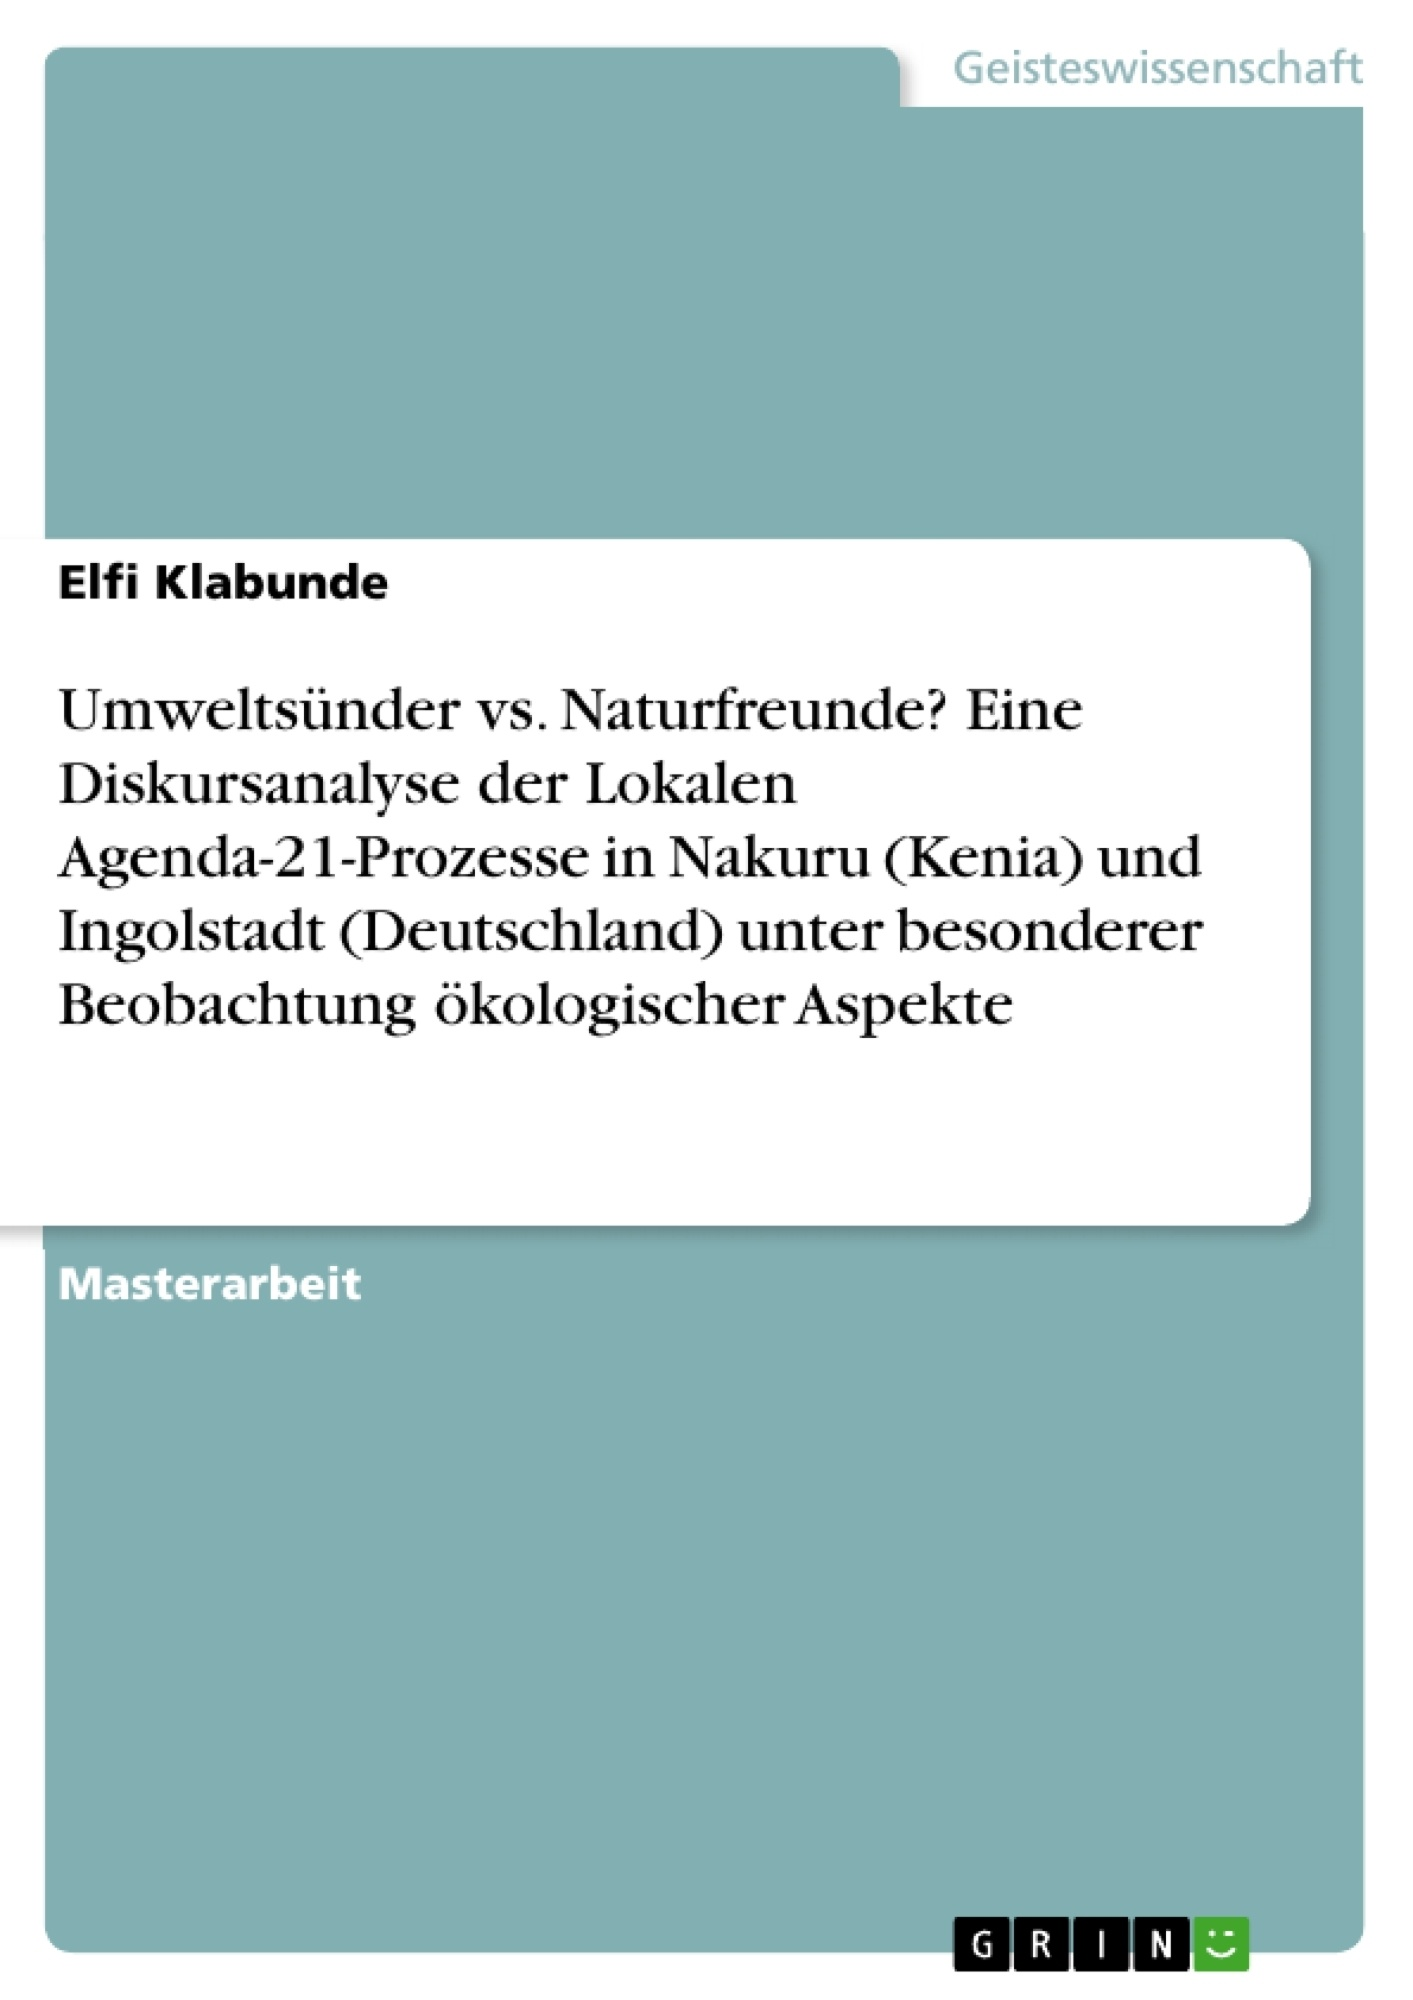 Titel: Umweltsünder vs. Naturfreunde? Eine Diskursanalyse der Lokalen Agenda-21-Prozesse in Nakuru (Kenia) und Ingolstadt (Deutschland) unter besonderer Beobachtung ökologischer Aspekte